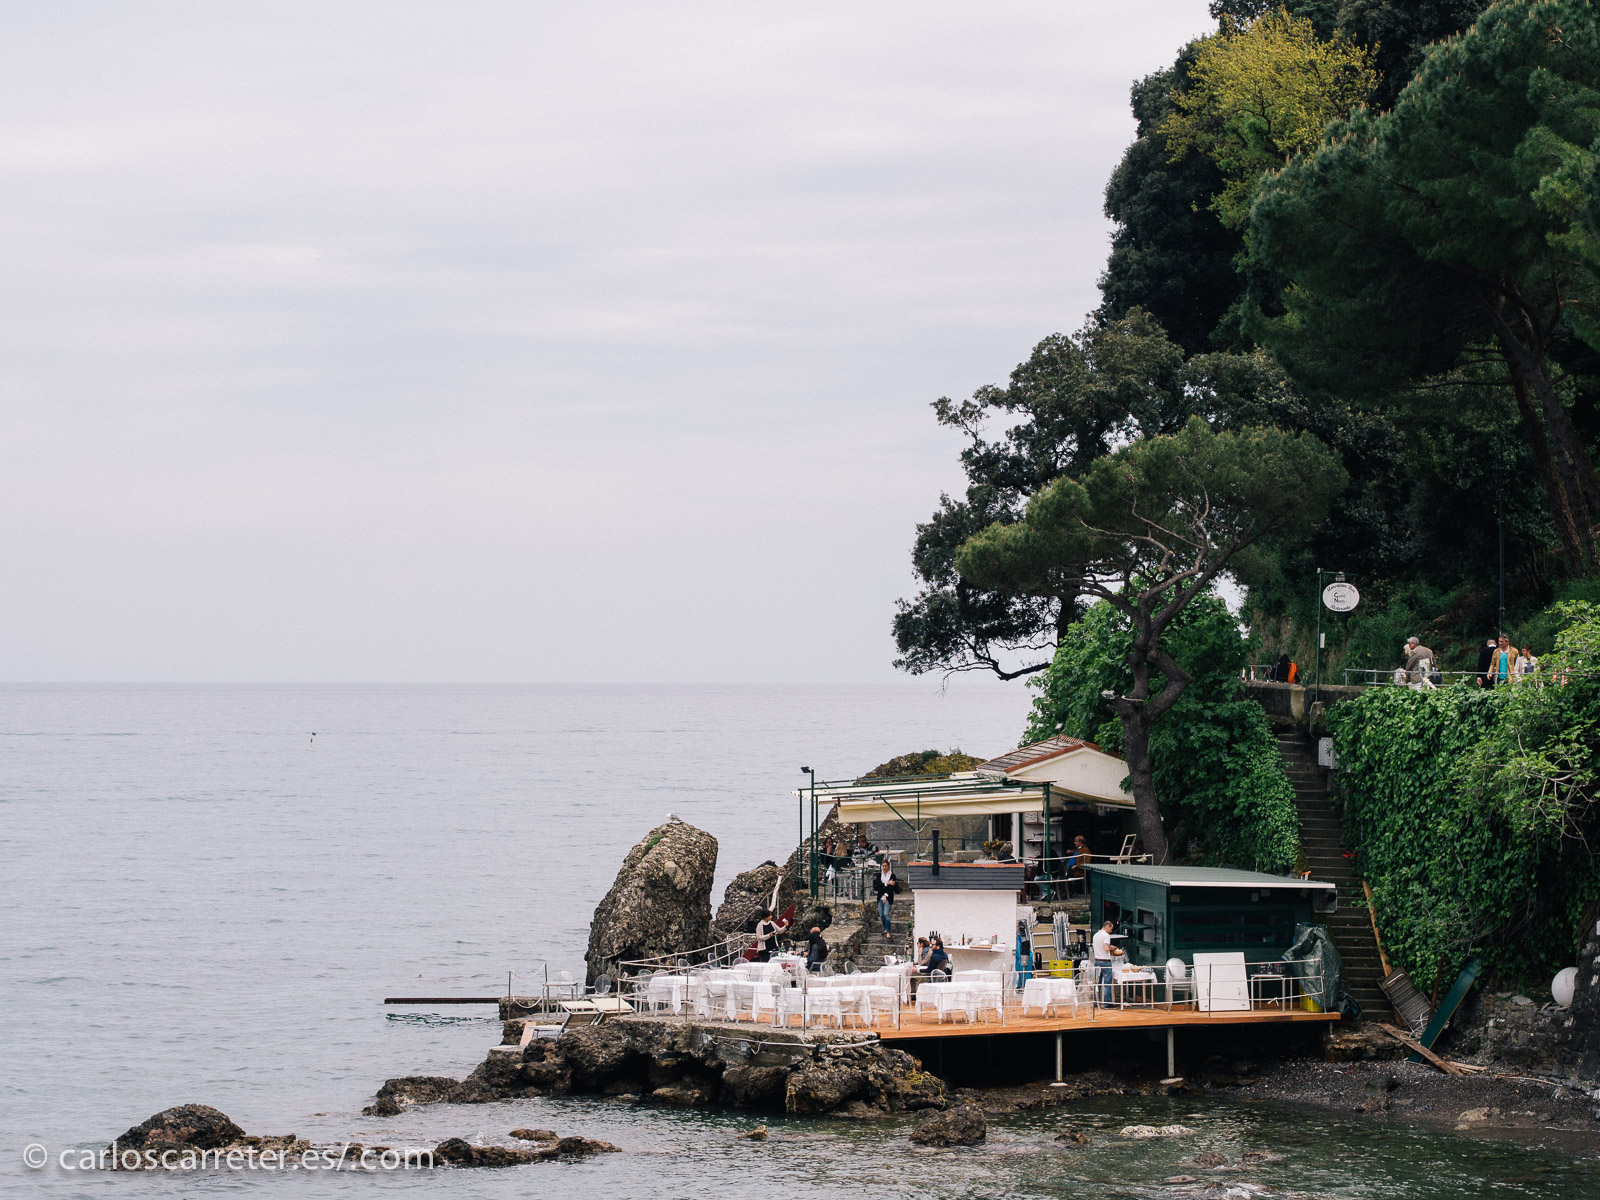 Eso sí. Aunque ahora me despida con una fotografía de la península de Portofino, me hago el propósito de resolver en un futuro esta carencia.